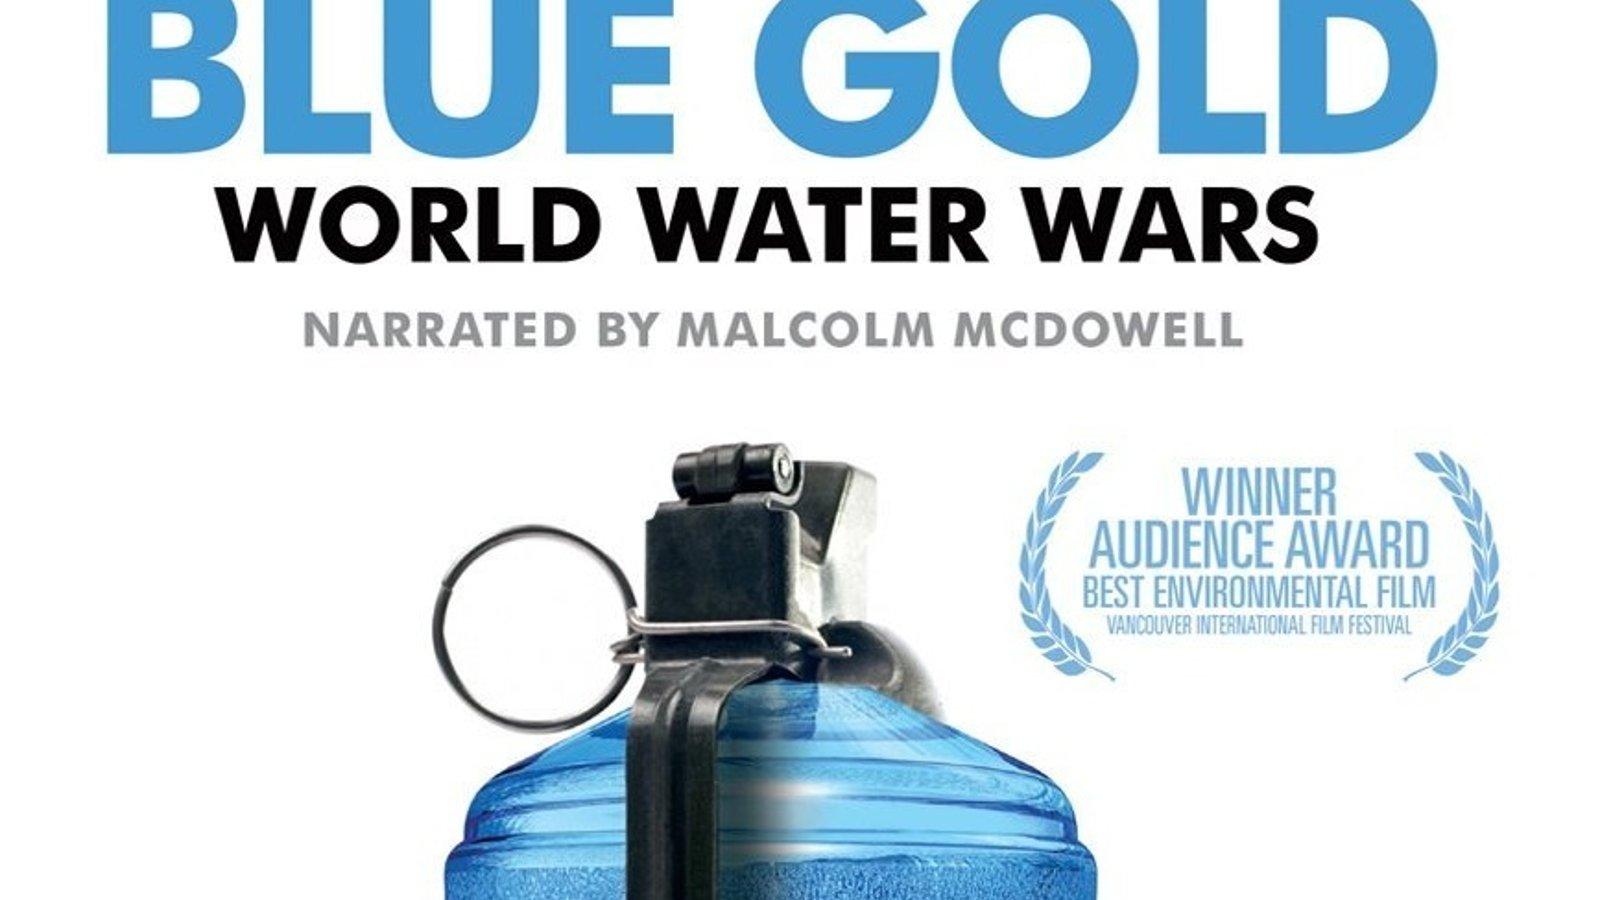 Blue Gold - World Water Wars